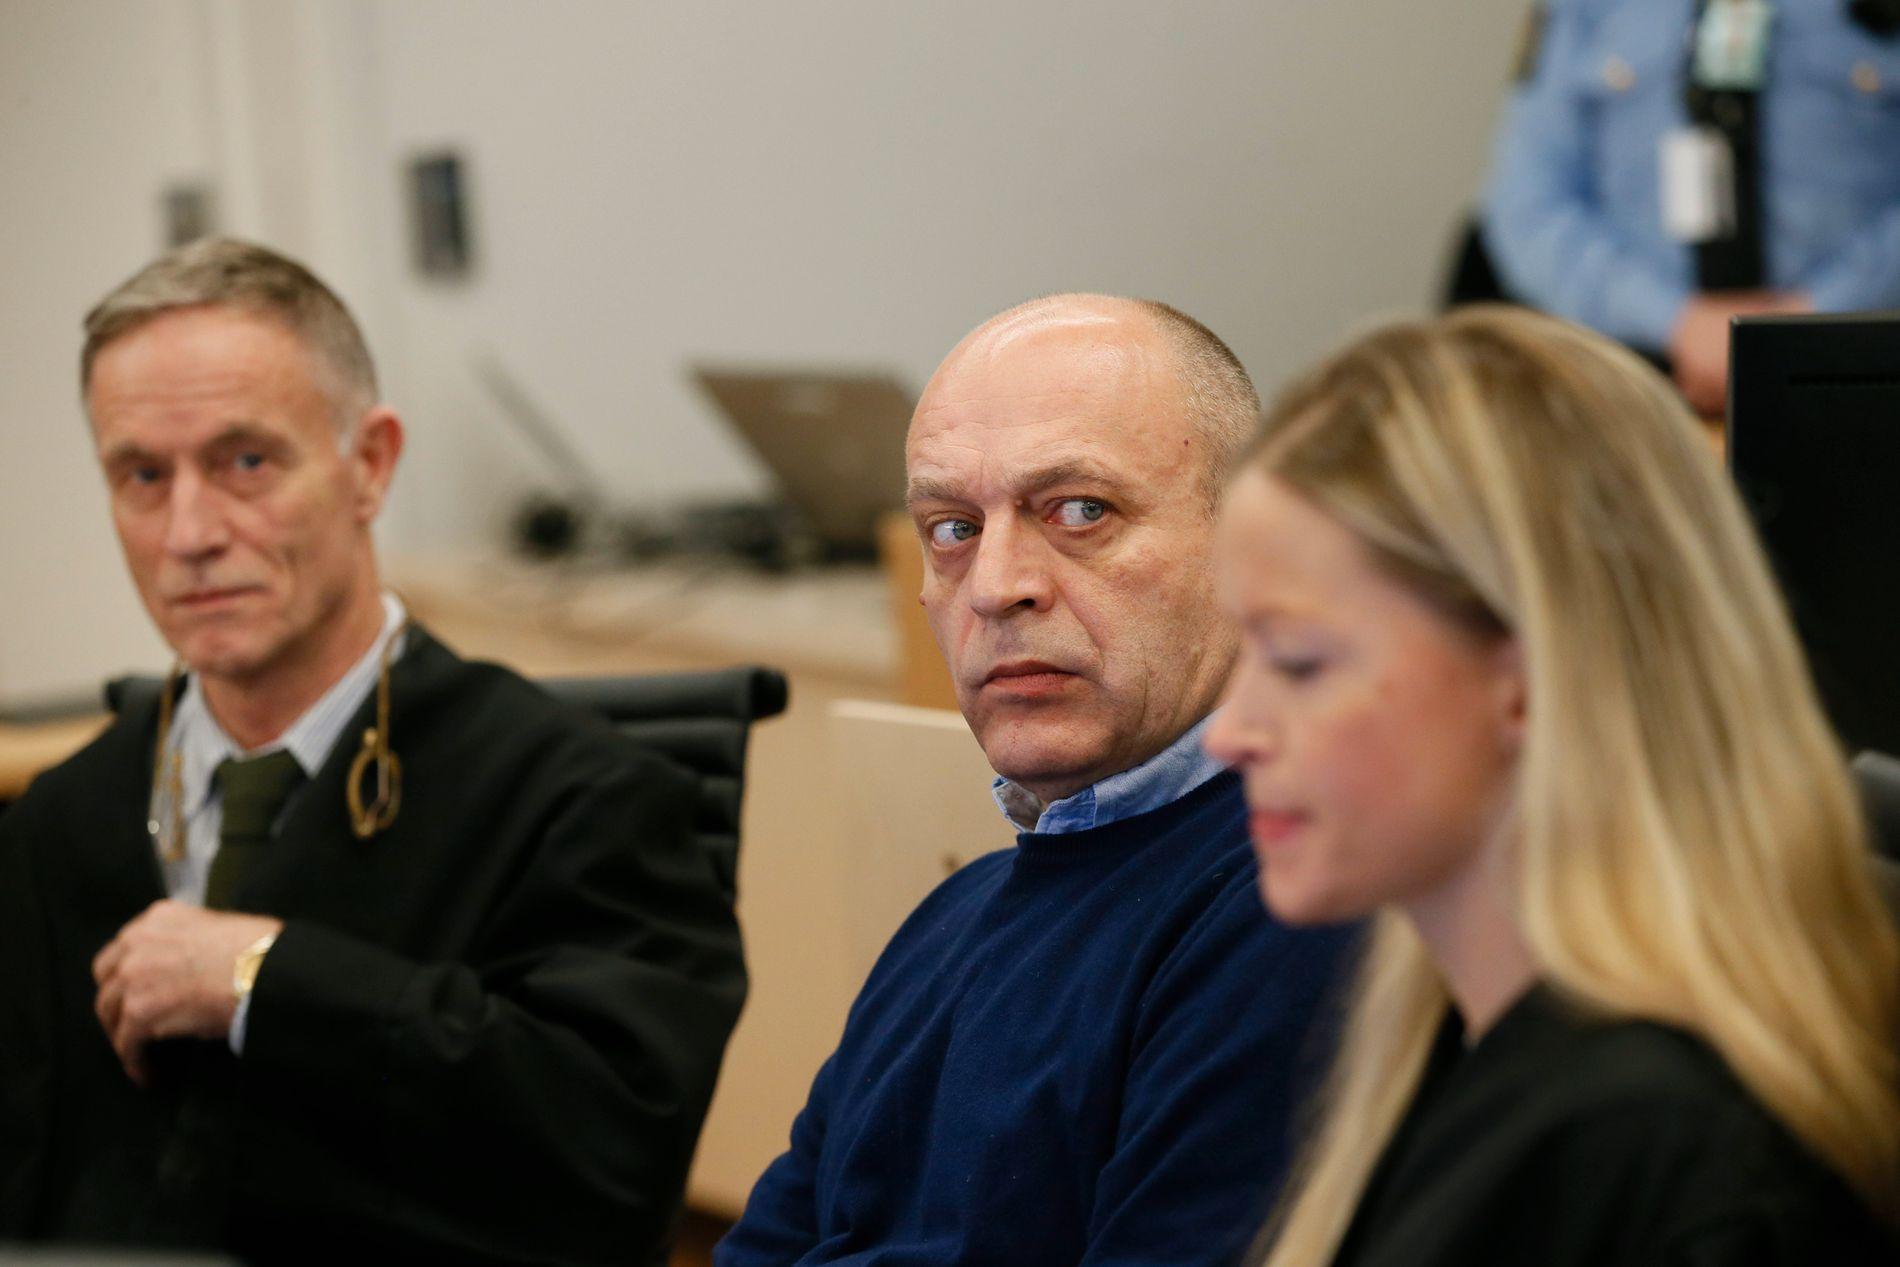 «HASJBARON»: Den selverklærte «hasjbaronen» Gjermund Cappelen (i midten) er tiltalt for grov korrupsjon og for å ha smuglet 16,2 tonn hasj til Norge. Her med forsvarerne Benedict de Vibe og Kaja de Vibe Malling.